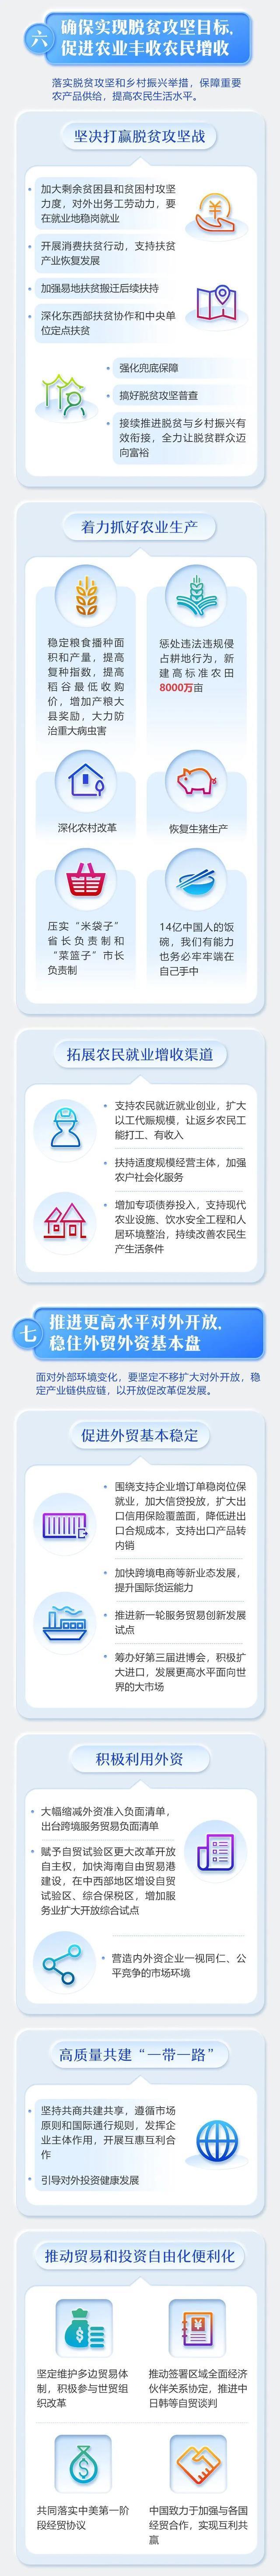 """政府部门工作总结报告三次谈及""""湖南长沙"""",执行好适用湖北省发展趋势一揽子现行政策 第13张"""